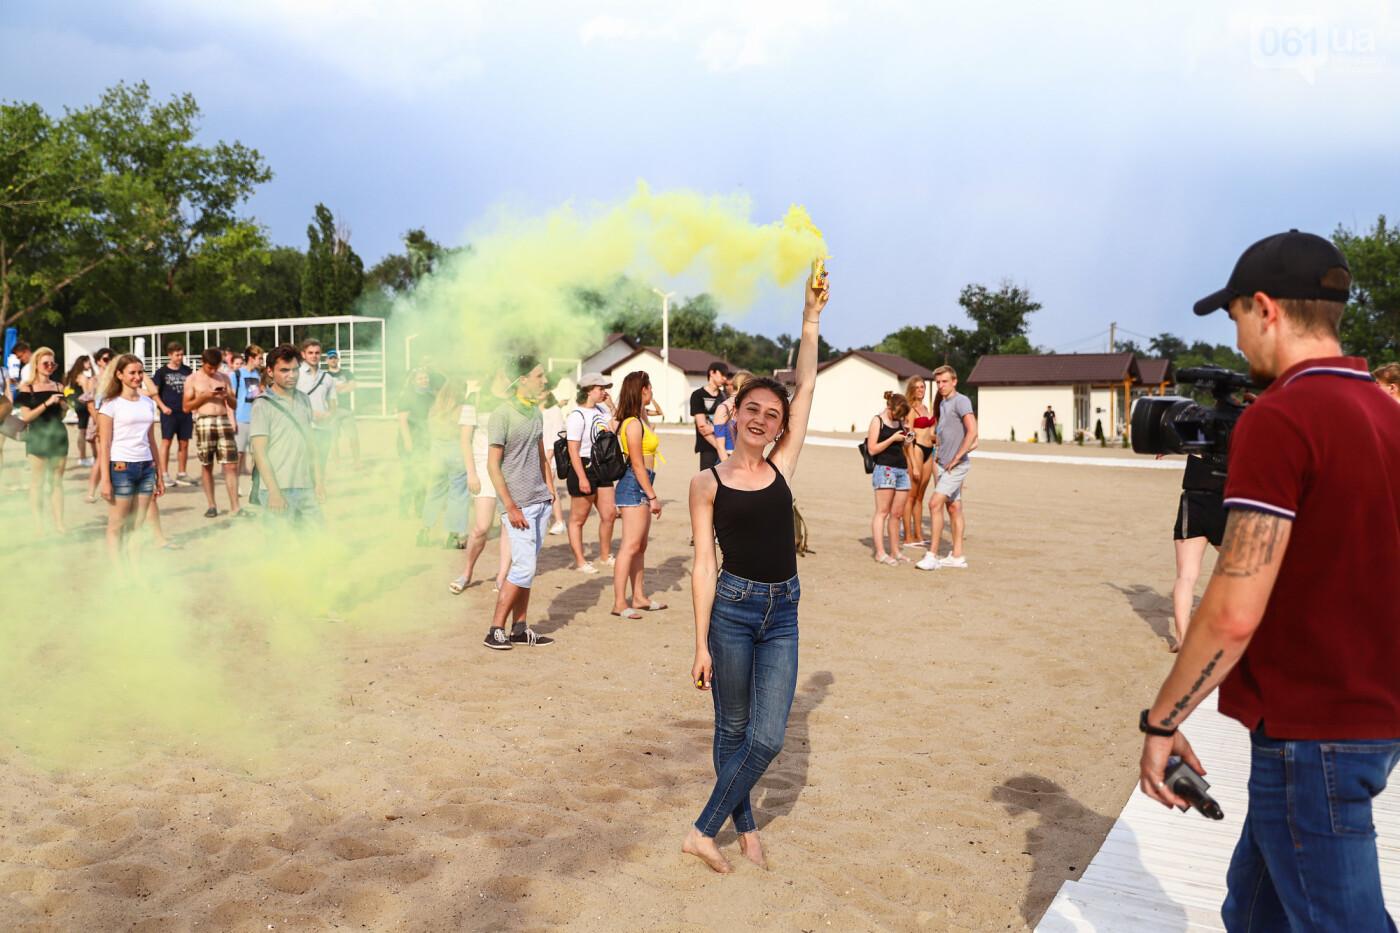 На пляже в Запорожье зажгли желто-синие дымовые шашки и установили рекорд Украины, - ФОТОРЕПОРТАЖ, фото-18